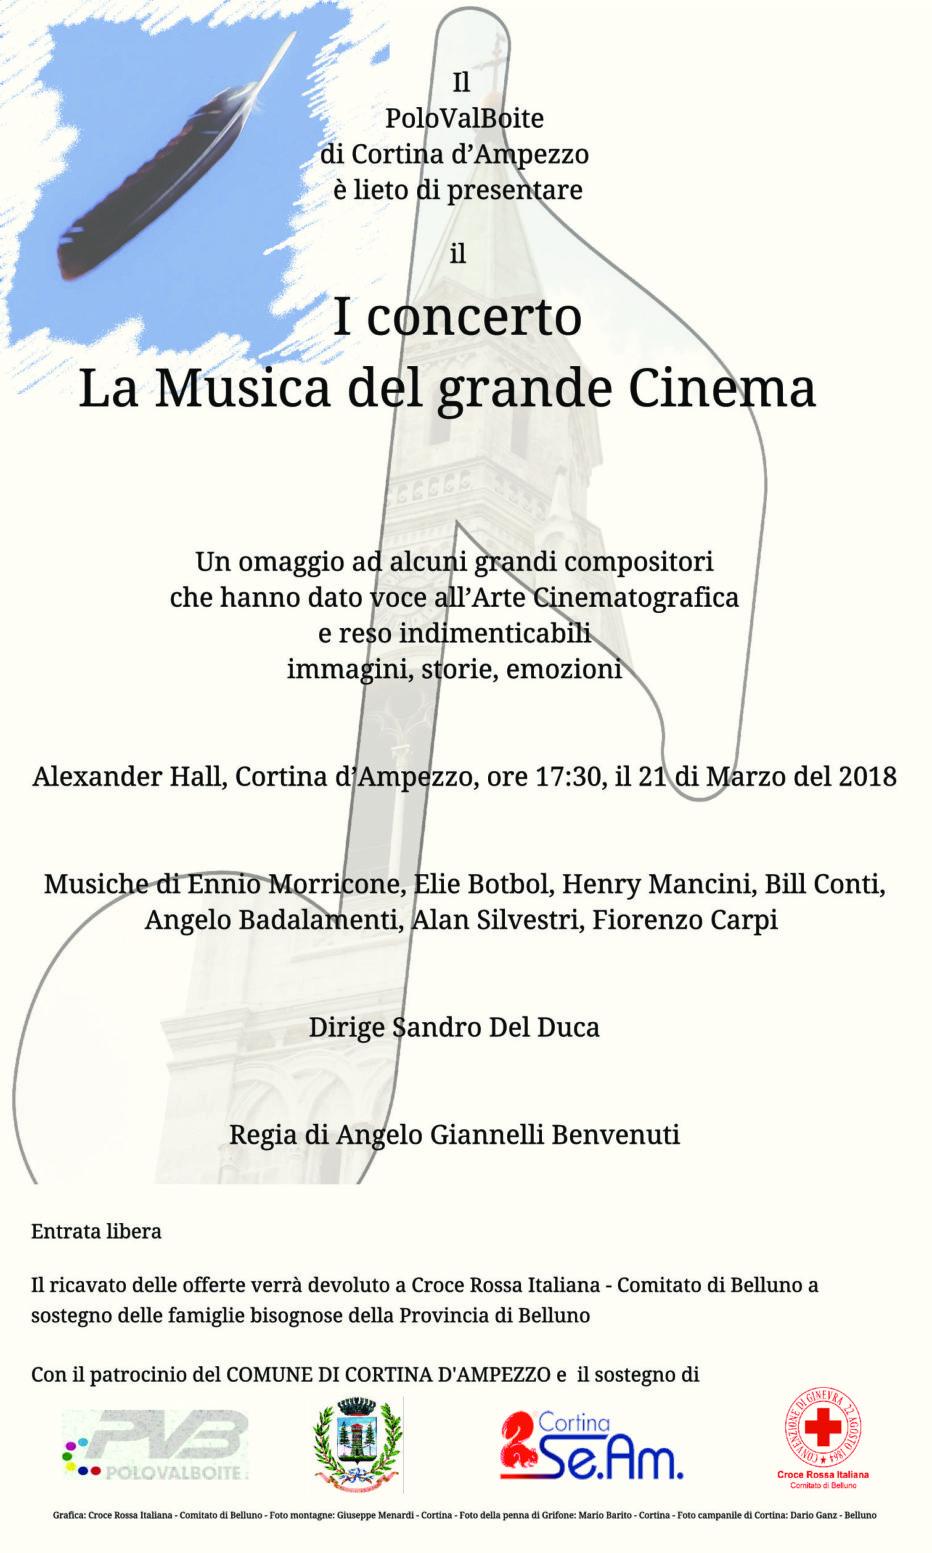 """""""La musica del grande cinema"""":  il concerto benefico a Cortina d'Ampezzo mercoledì 21 marzo. Ascolta l'intervista con i protagonisti."""